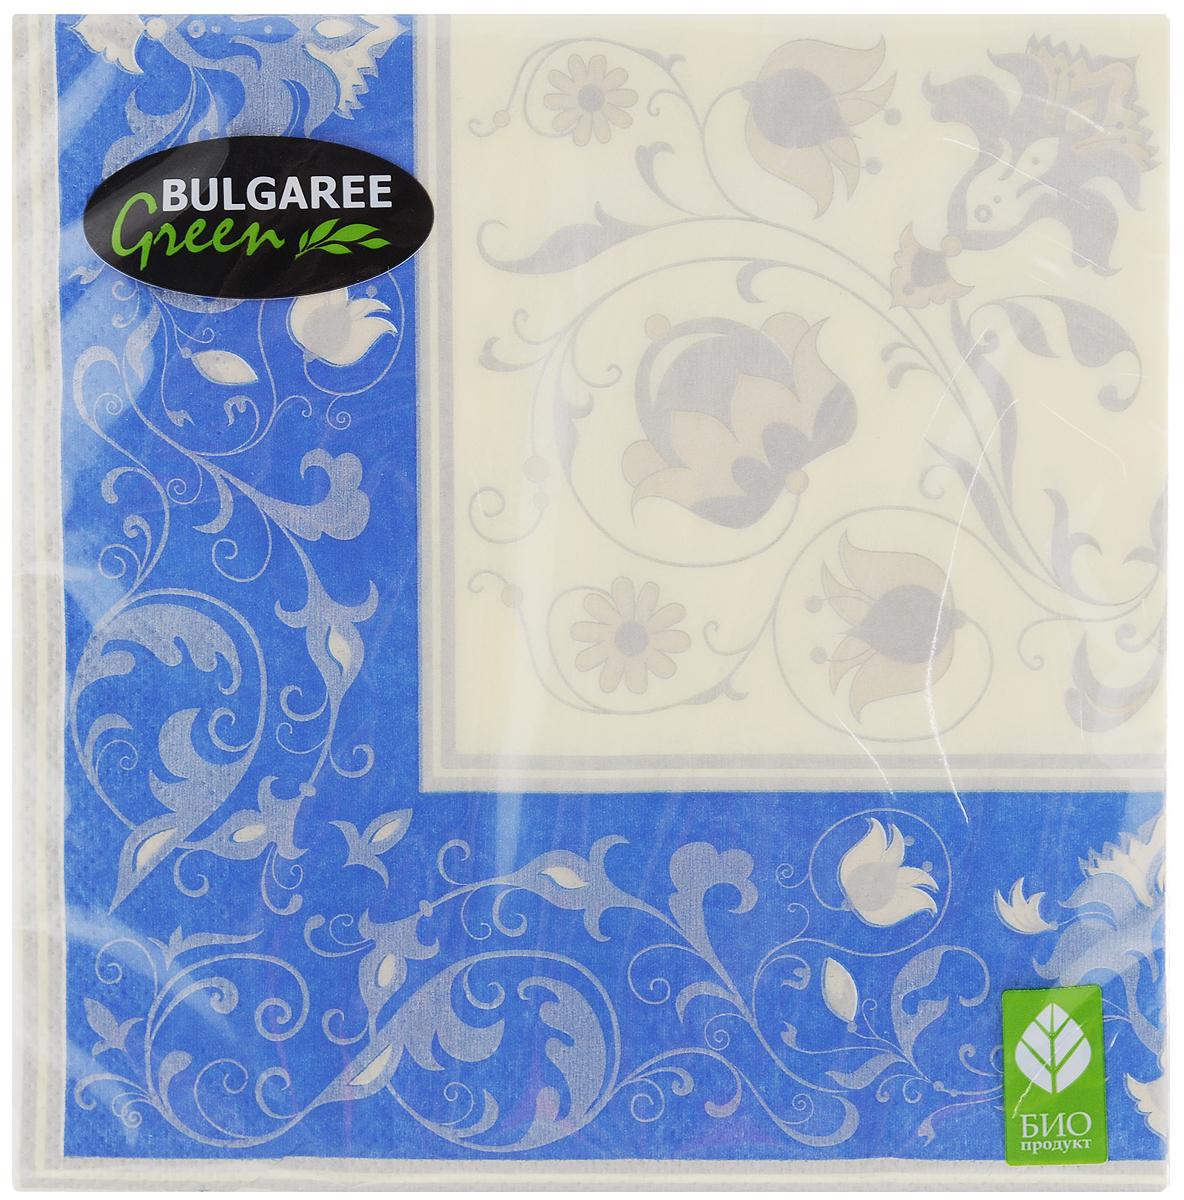 Салфетки бумажные Bulgaree Green Белла, трехслойные, 33 х 33 см, 20 шт1002382Трехслойные салфетки Bulgaree Green Белла выполнены из 100%целлюлозы и оформлены красивым рисунком. Изделия станут отличным дополнением любого праздничного стола. Они отличаются необычной мягкостью, прочностью и оригинальностью.Размер салфеток в развернутом виде: 33 х 33 см.